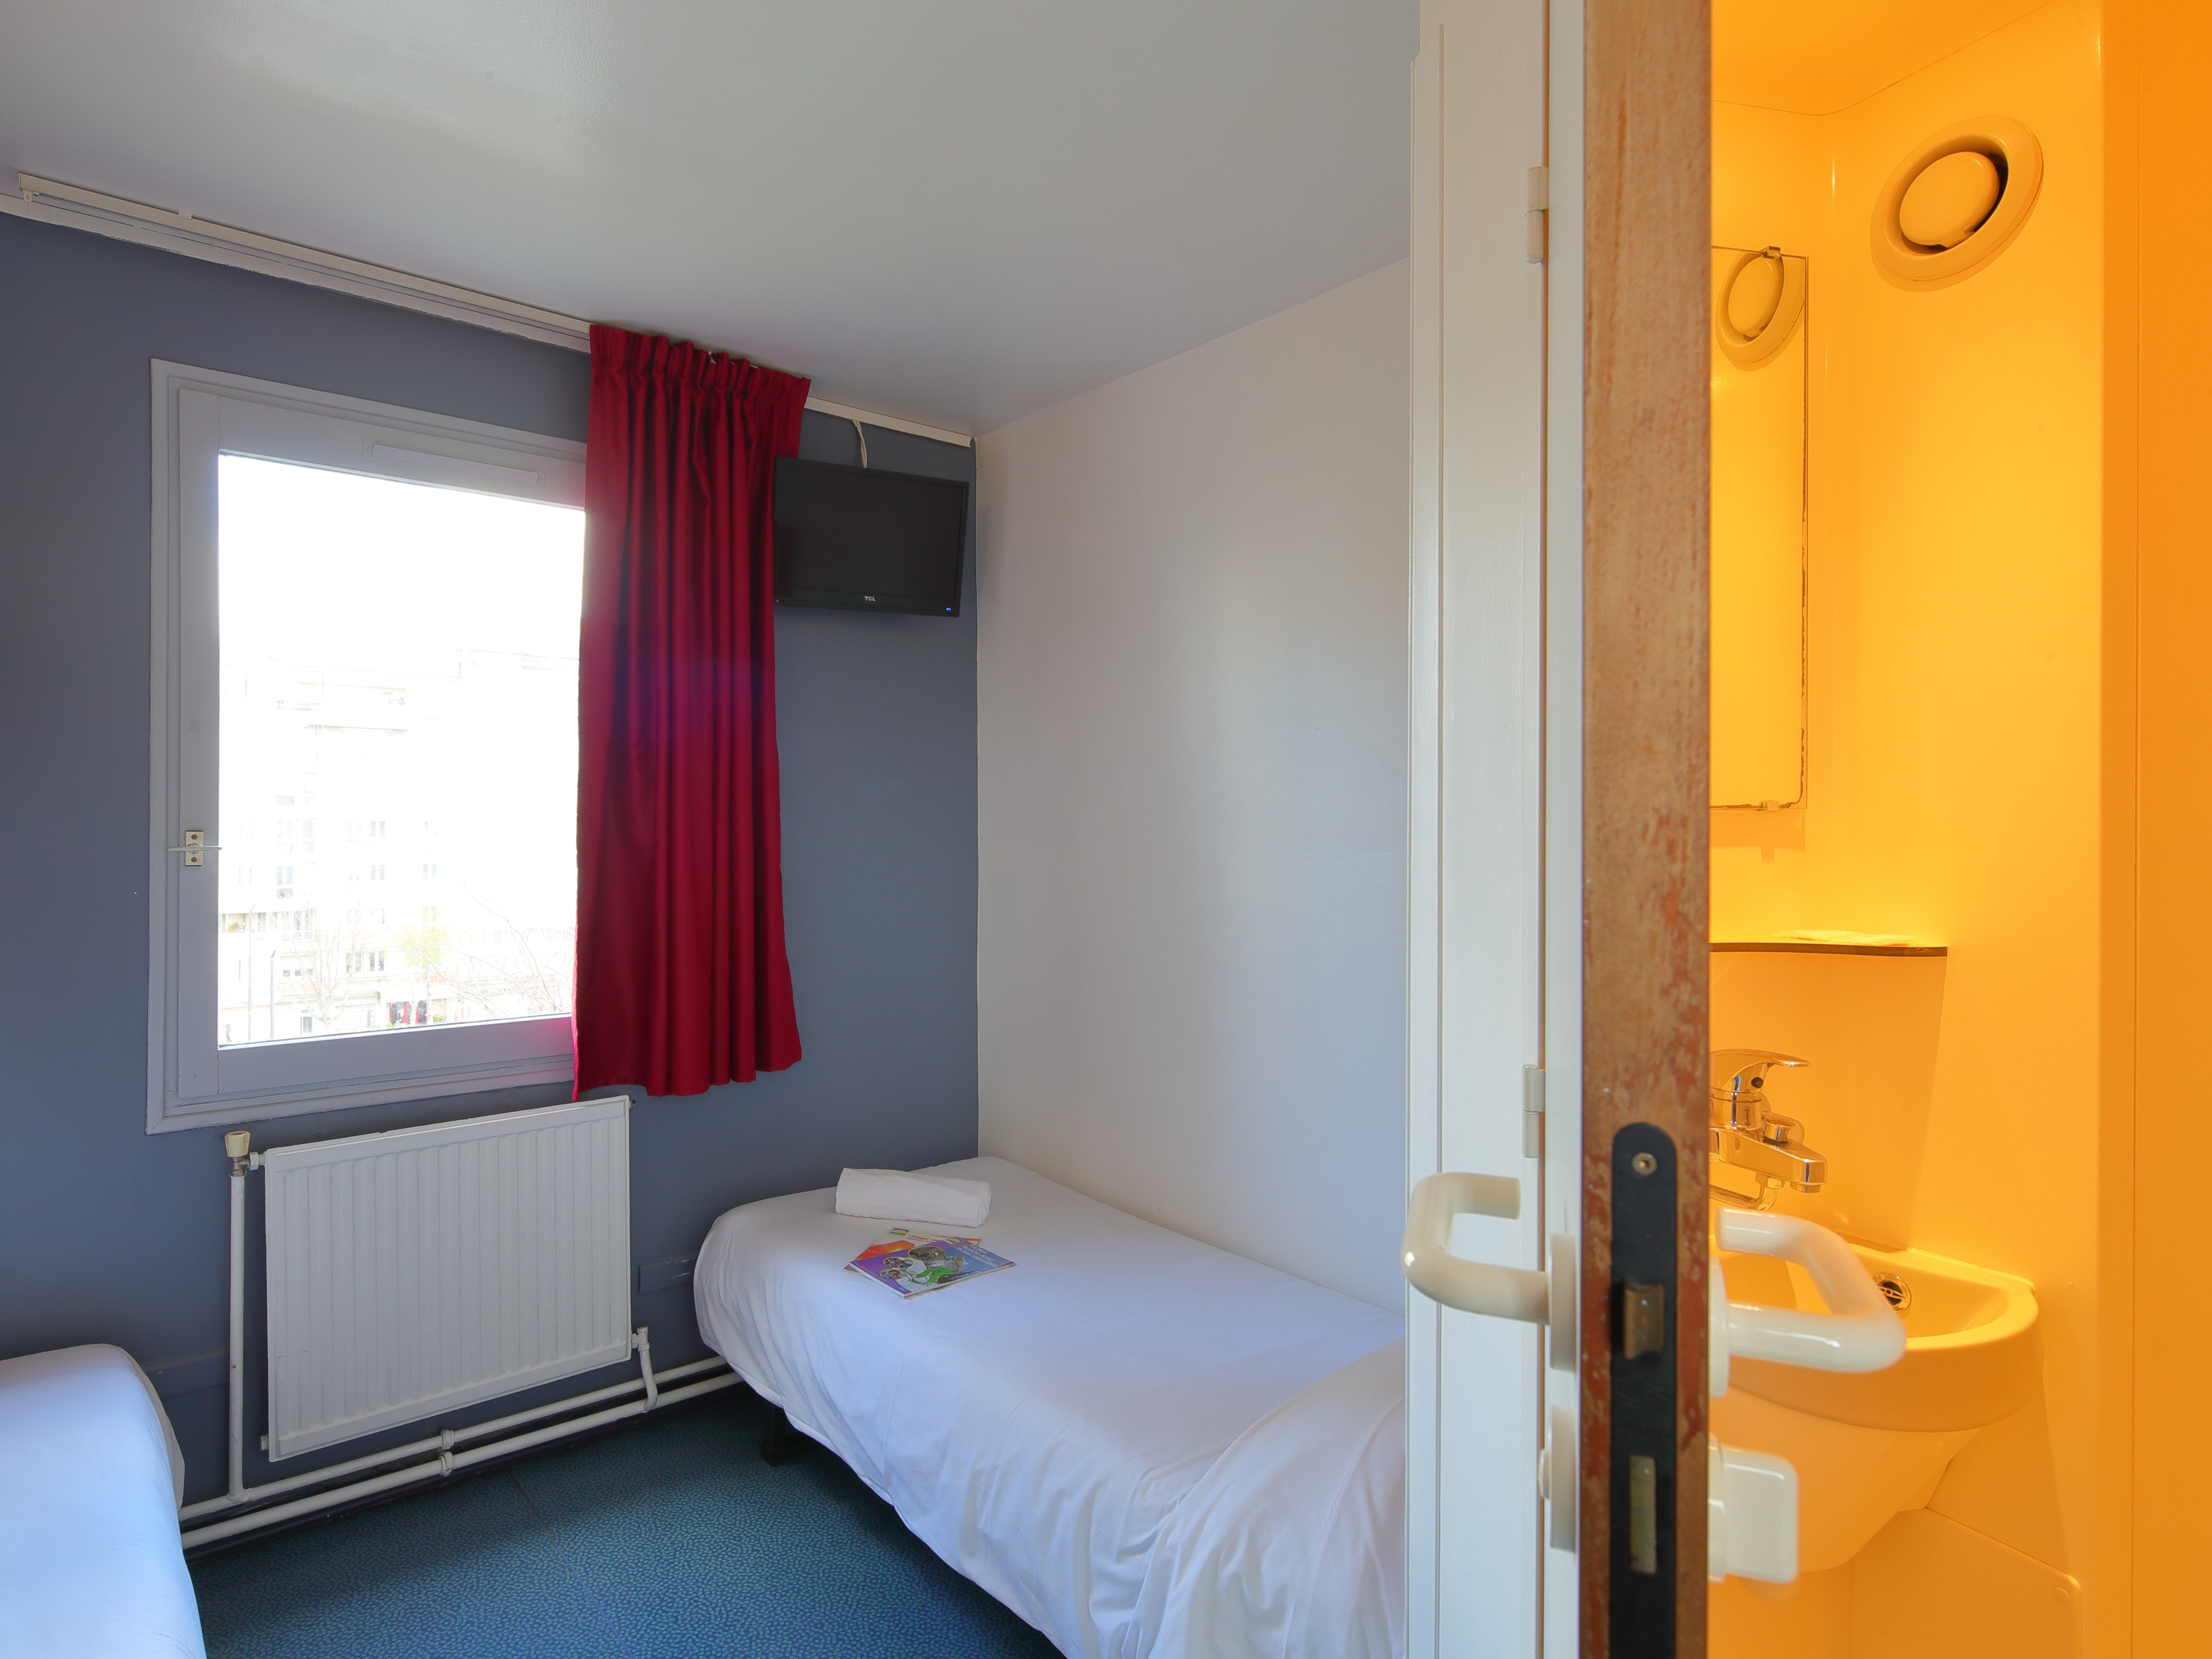 hotel-paris-13-avec-parking-chambre-lit-rideau-fenetre